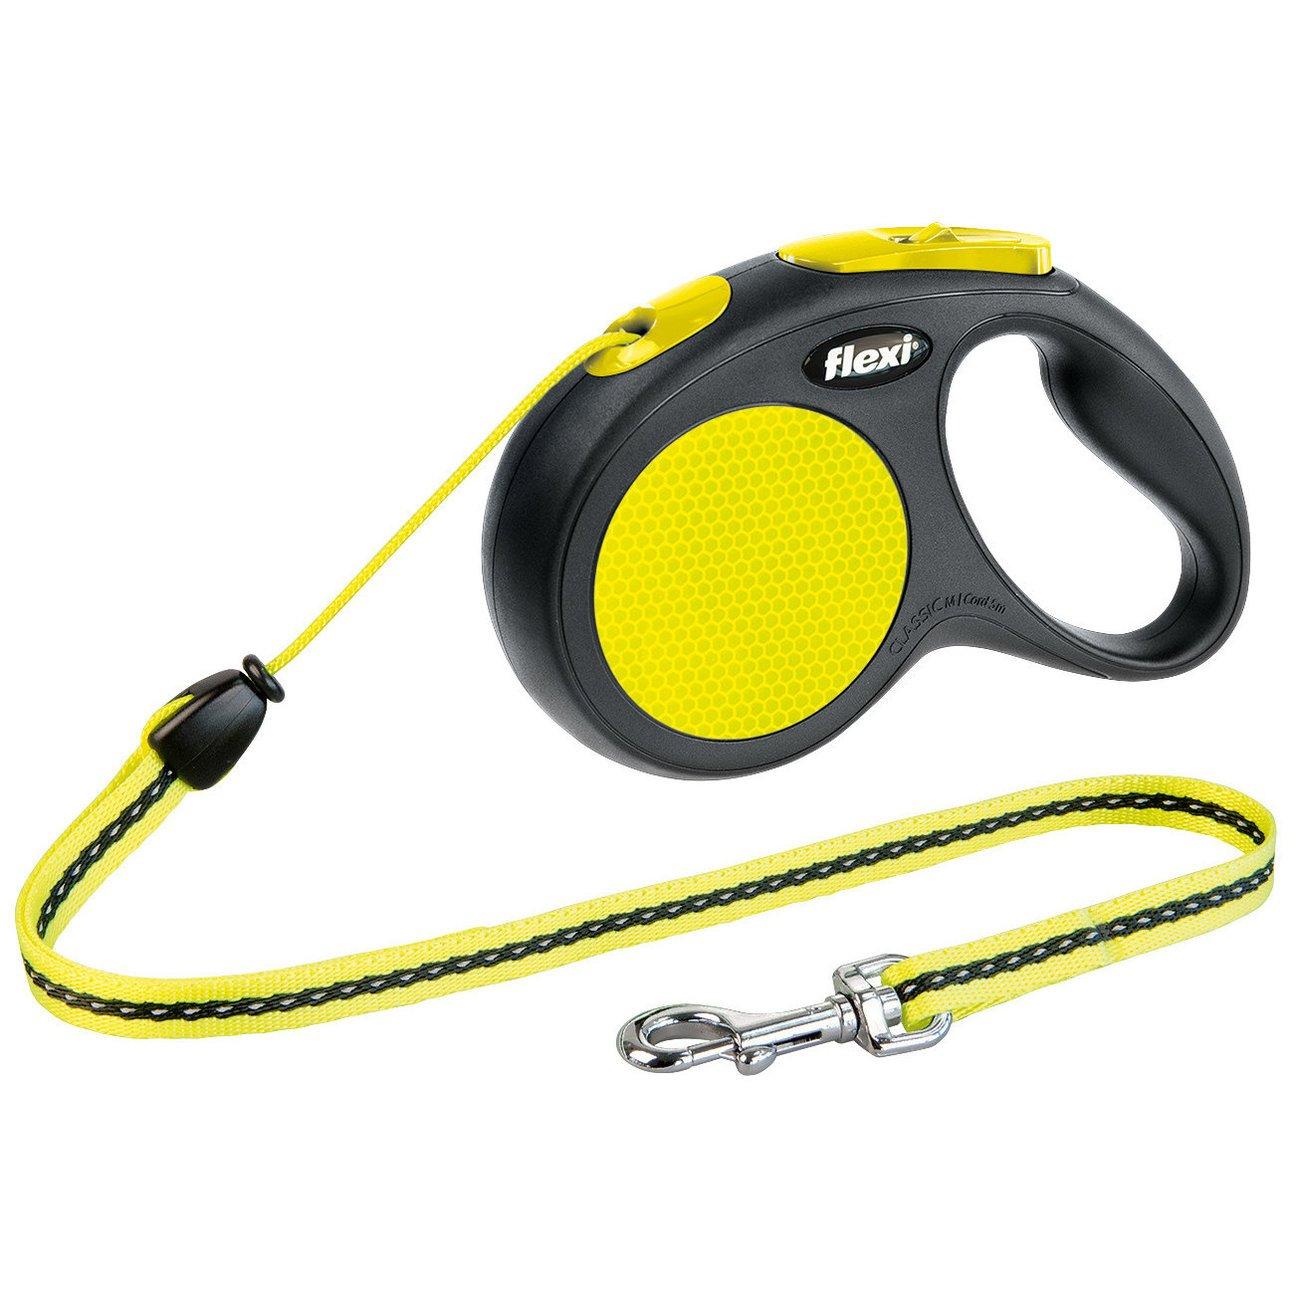 flexi New Neon Seil Roll Leine, M: 5 m, schwarz/neon, bis max. 12 kg, Seil